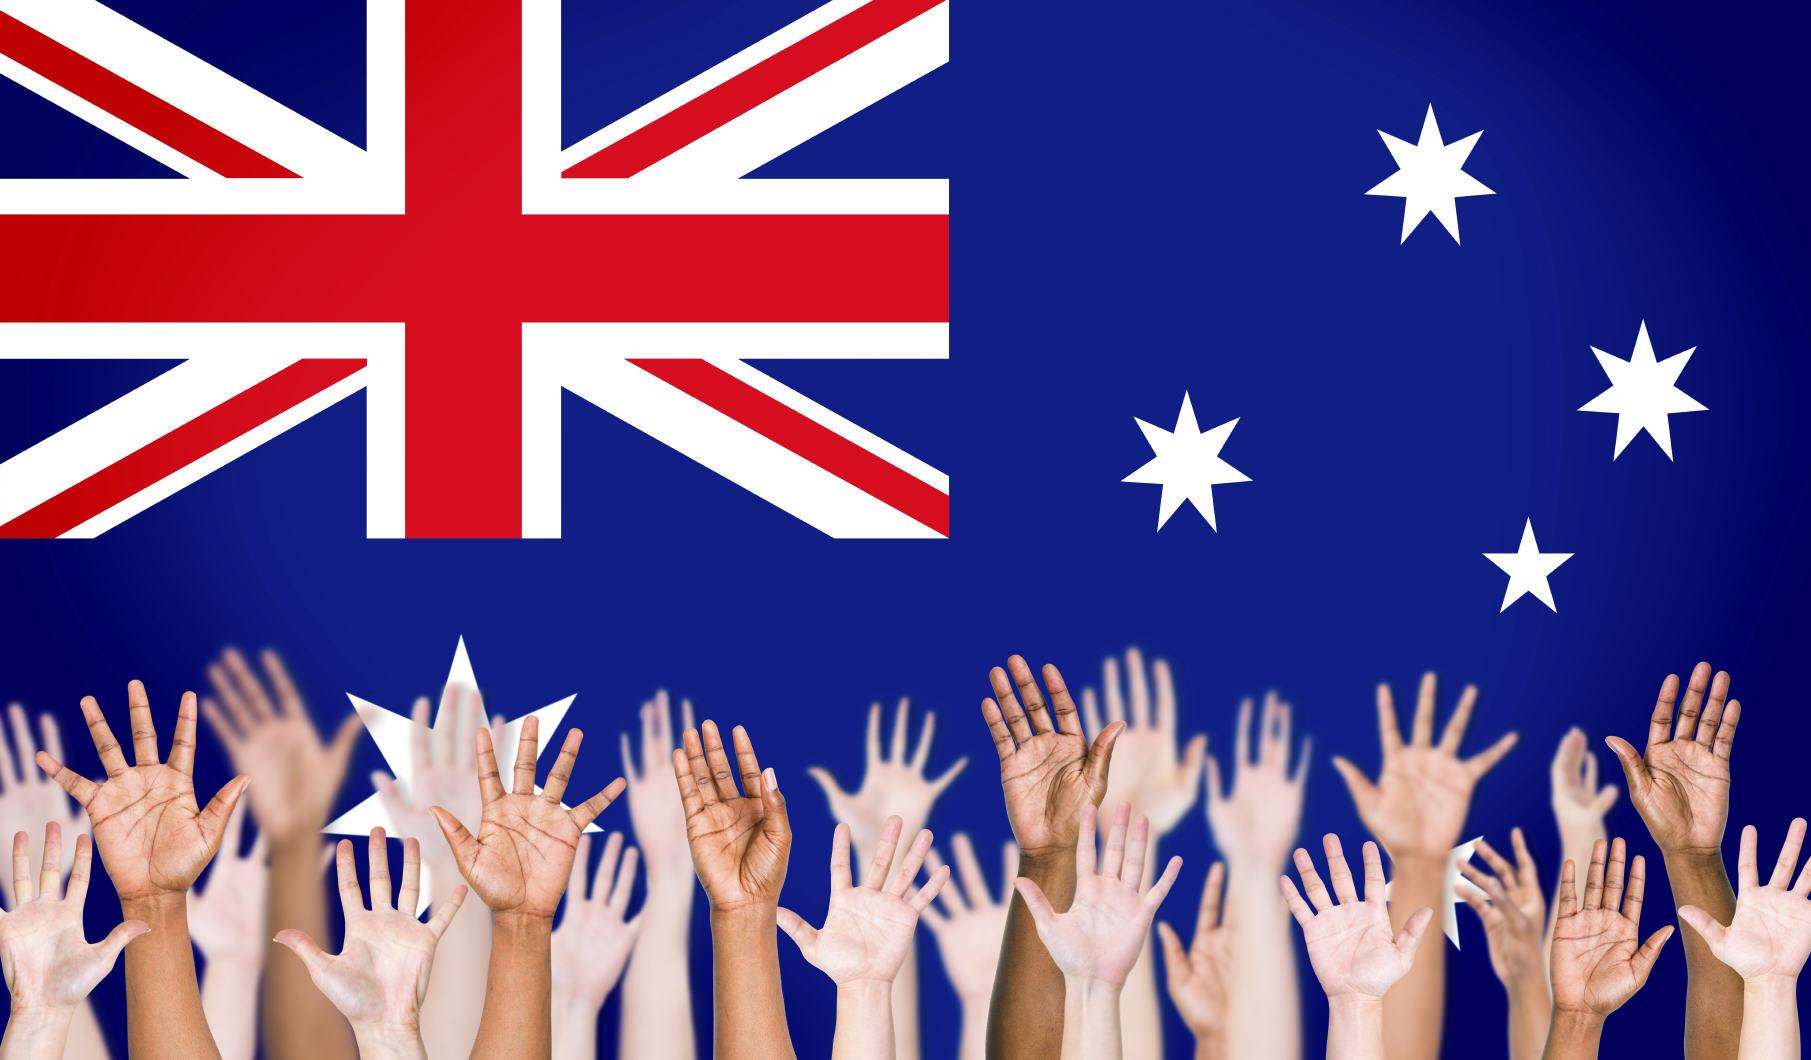 thuong vien khong thong qua luat quoc tich uc moi - Người Việt bị trượt bài thi quốc tịch Úc nhiều nhất